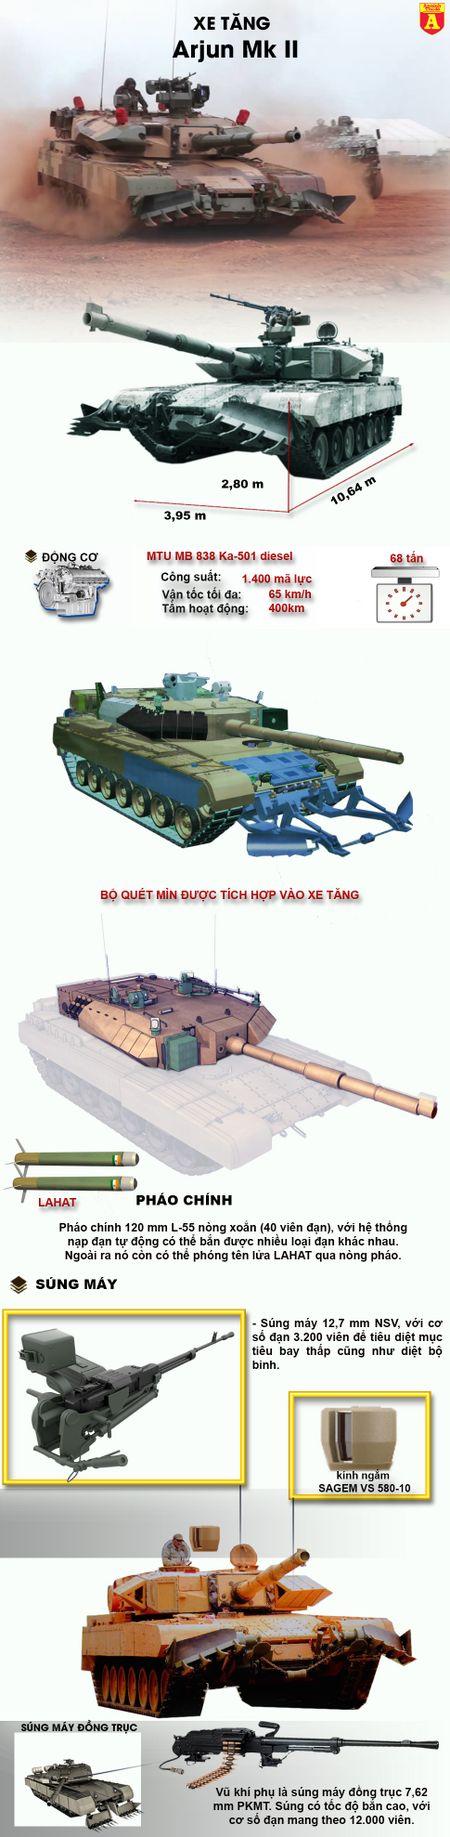 Sat thu Arjun MK.2 An Do co the diet T-55 bang mot phat ban khien Trung Quoc de chung - Anh 2